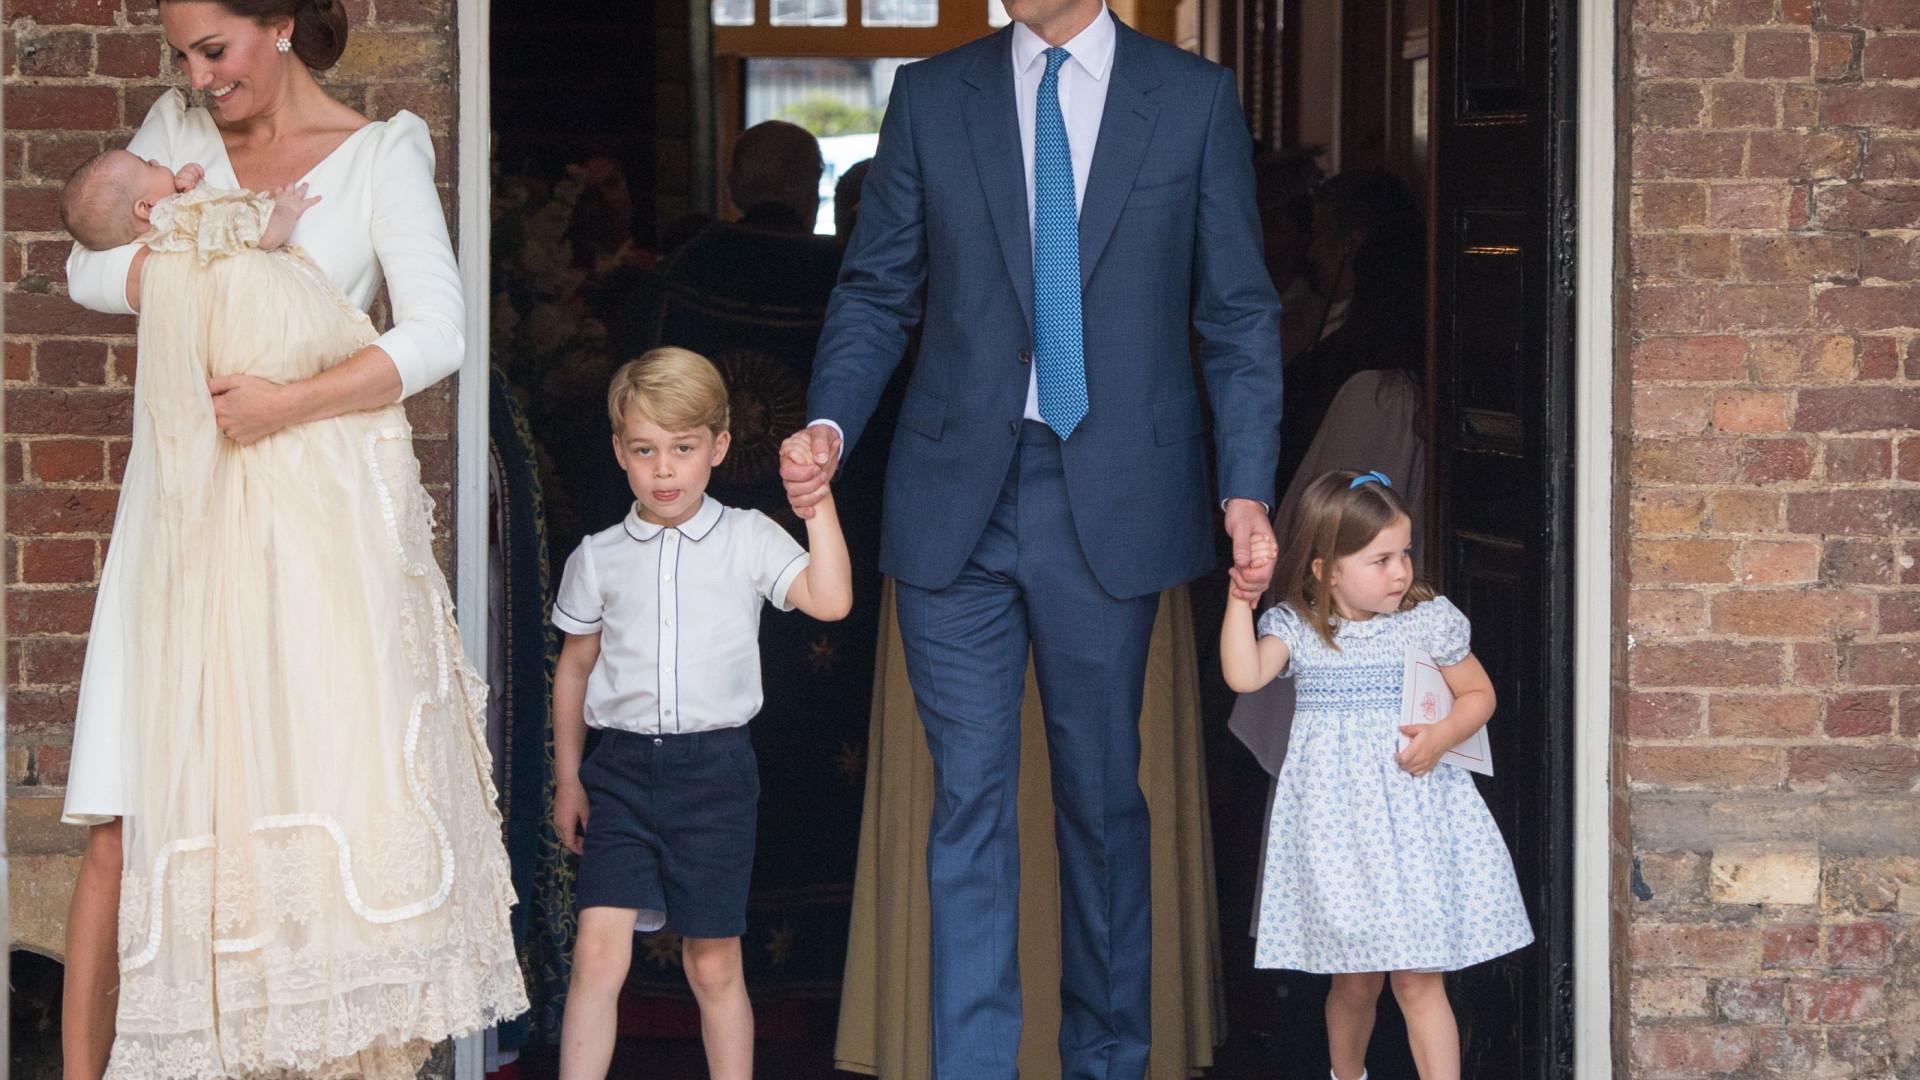 Ser pai teve efeitos psicológicos no príncipe William